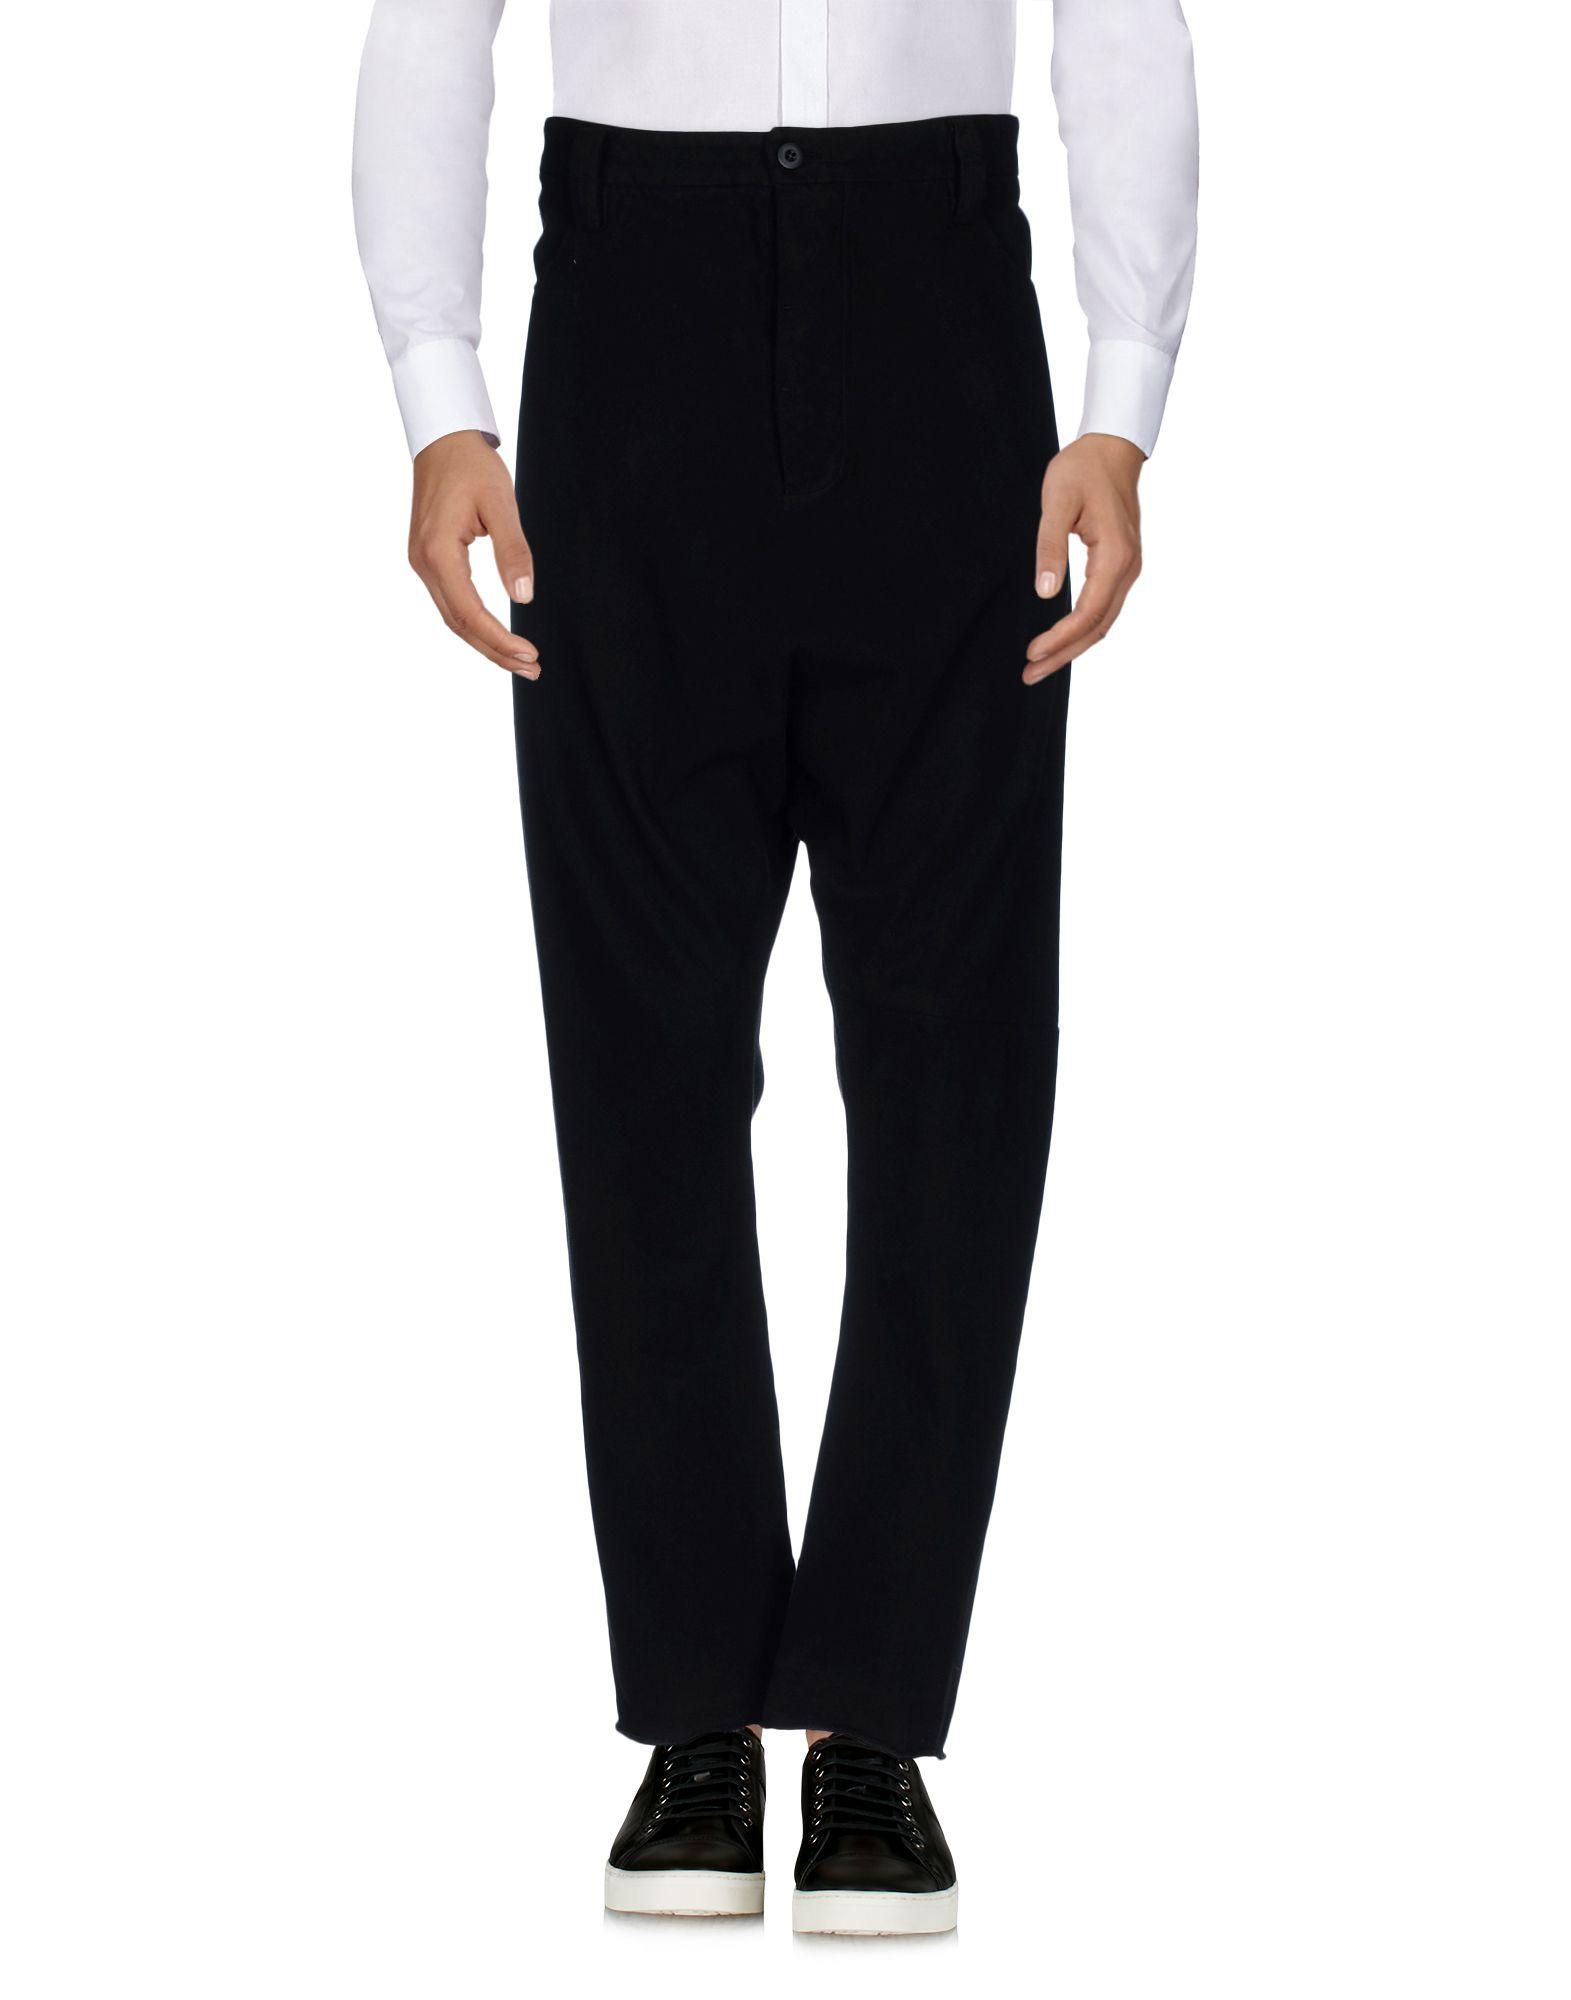 Pantalone Lost & Found Uomo - Acquista online su